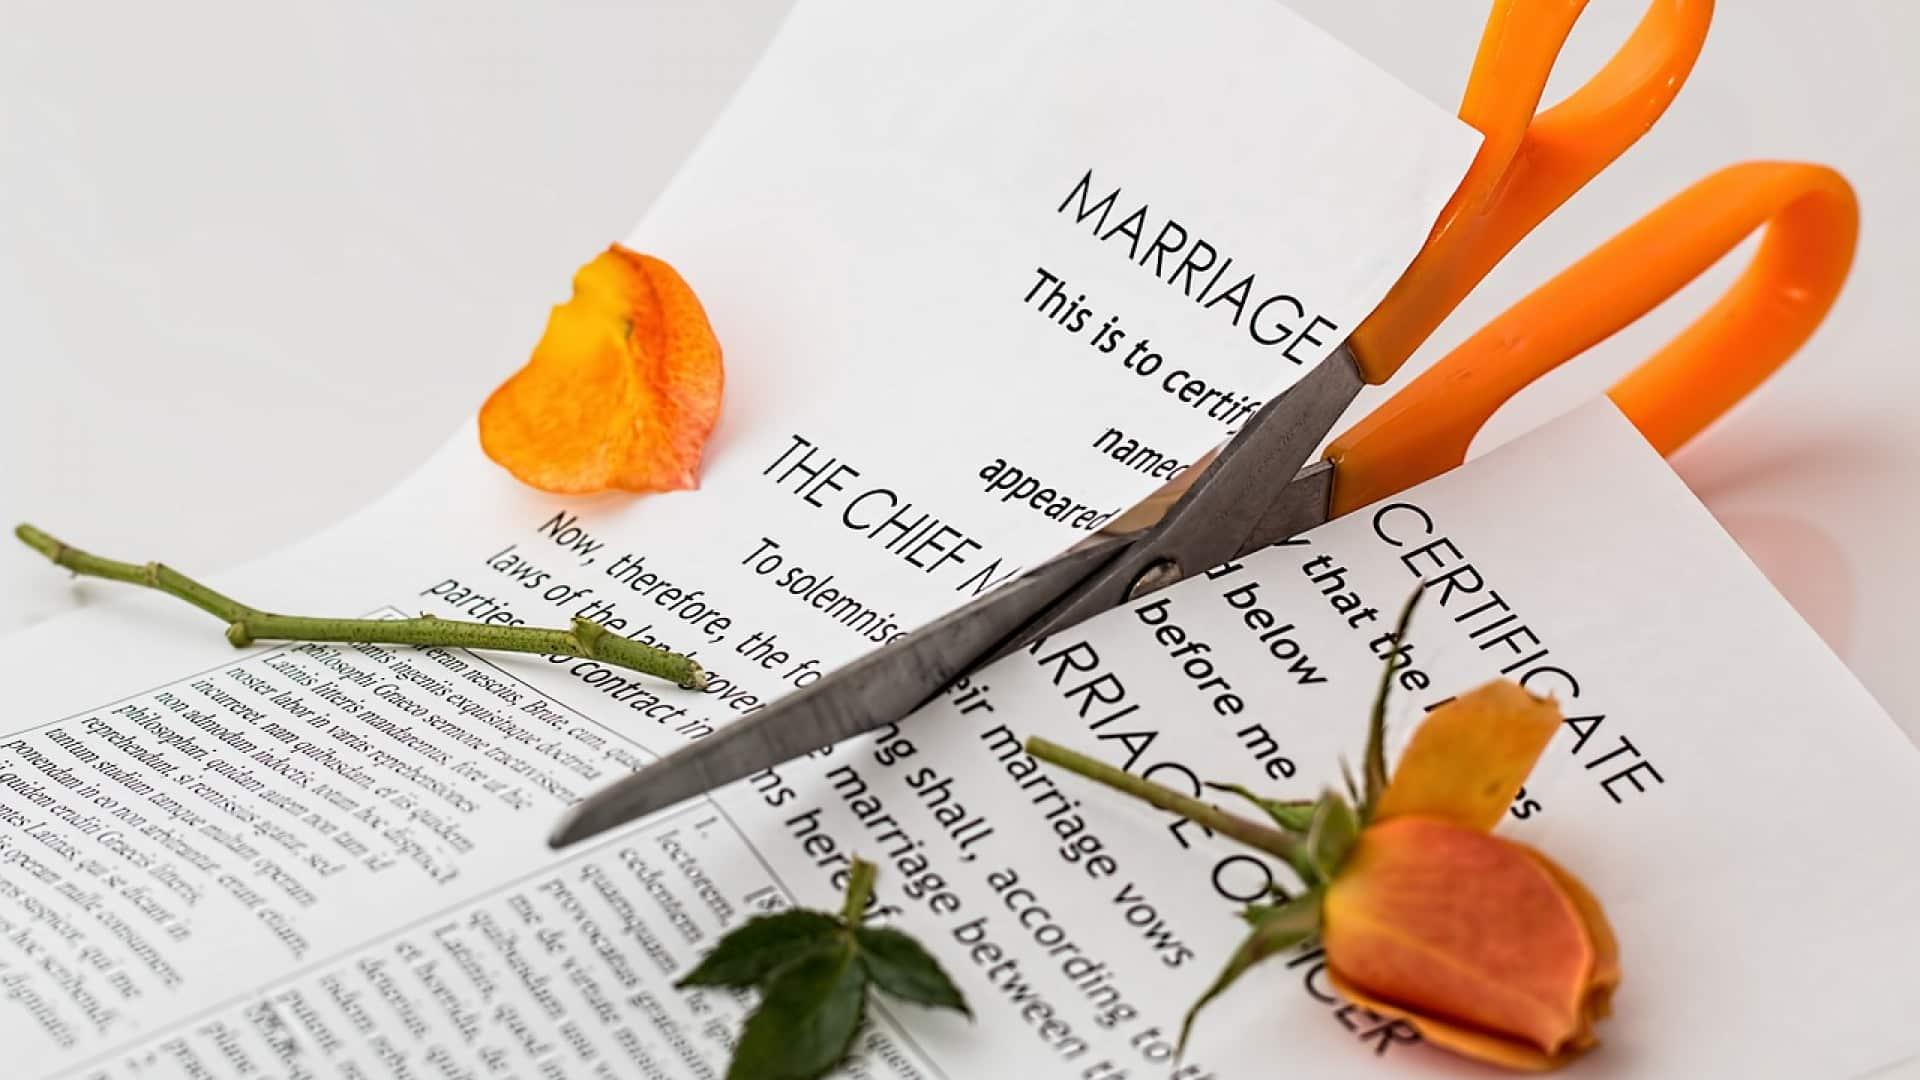 pourquoi-consulter-un-notaire-lors-du-divorcee28089